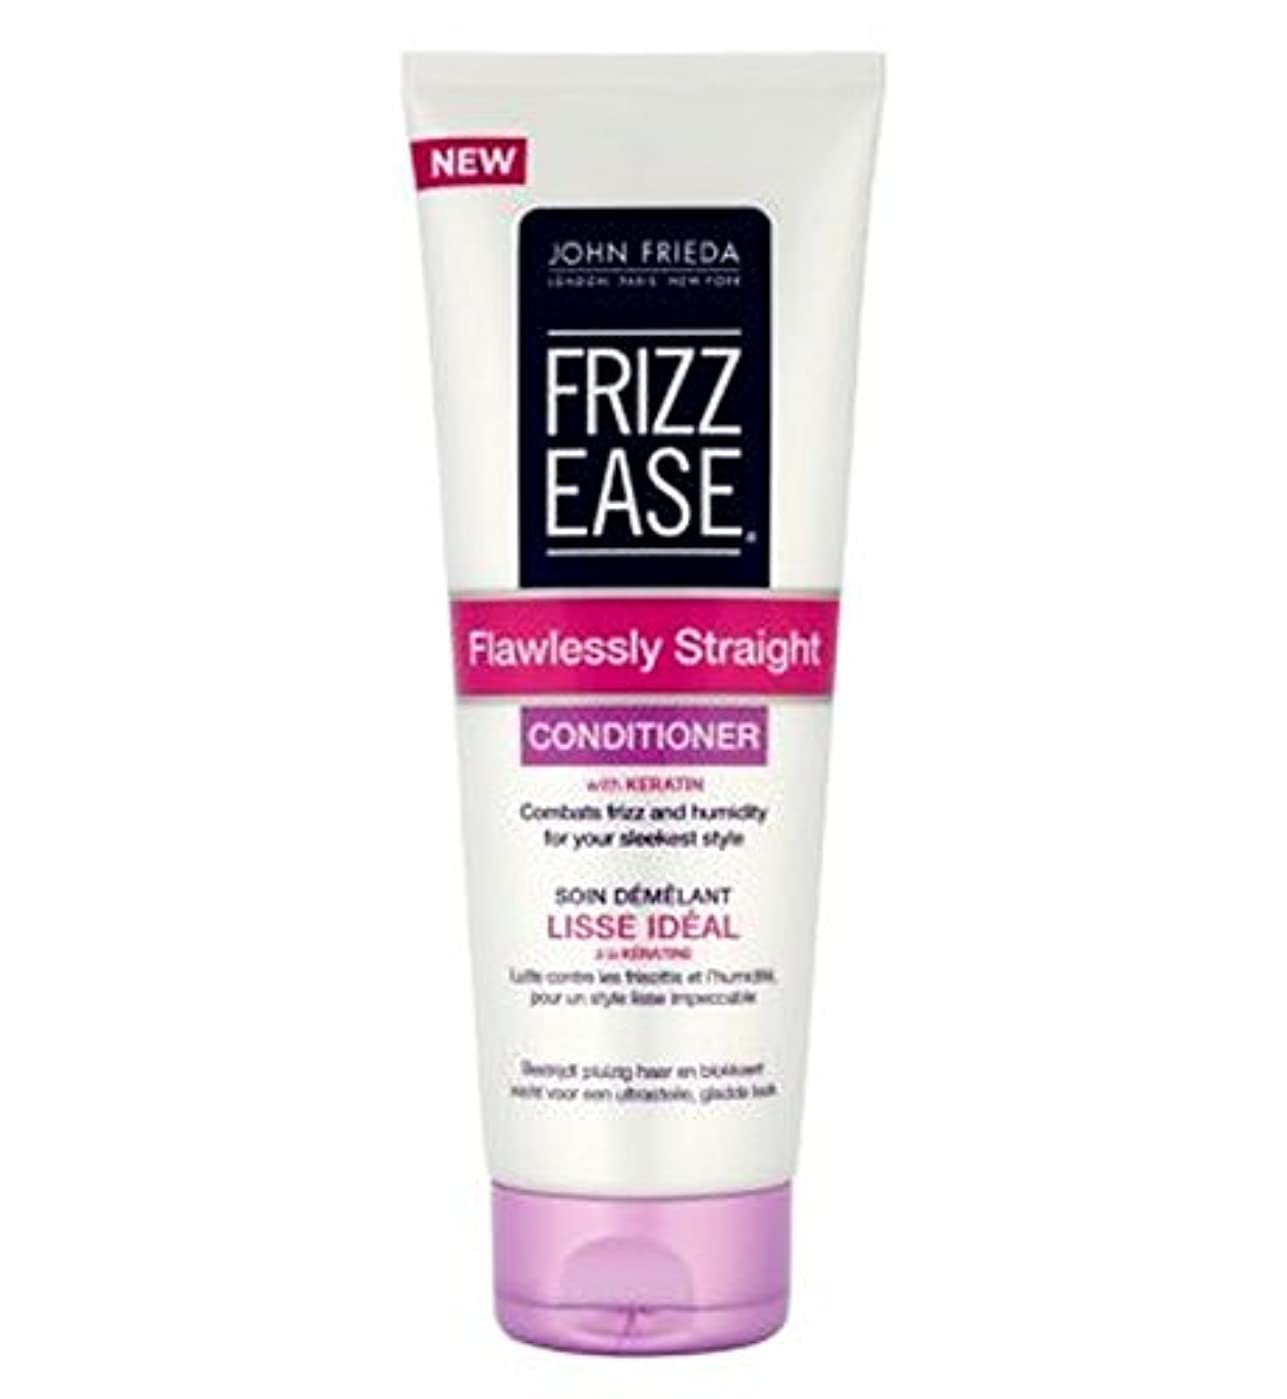 ボウル上下するオーロックジョン?フリーダ縮れ-容易完璧ストレートコンディショナー250Ml (John Frieda) (x2) - John Frieda Frizz-Ease Flawlessly Straight Conditioner...